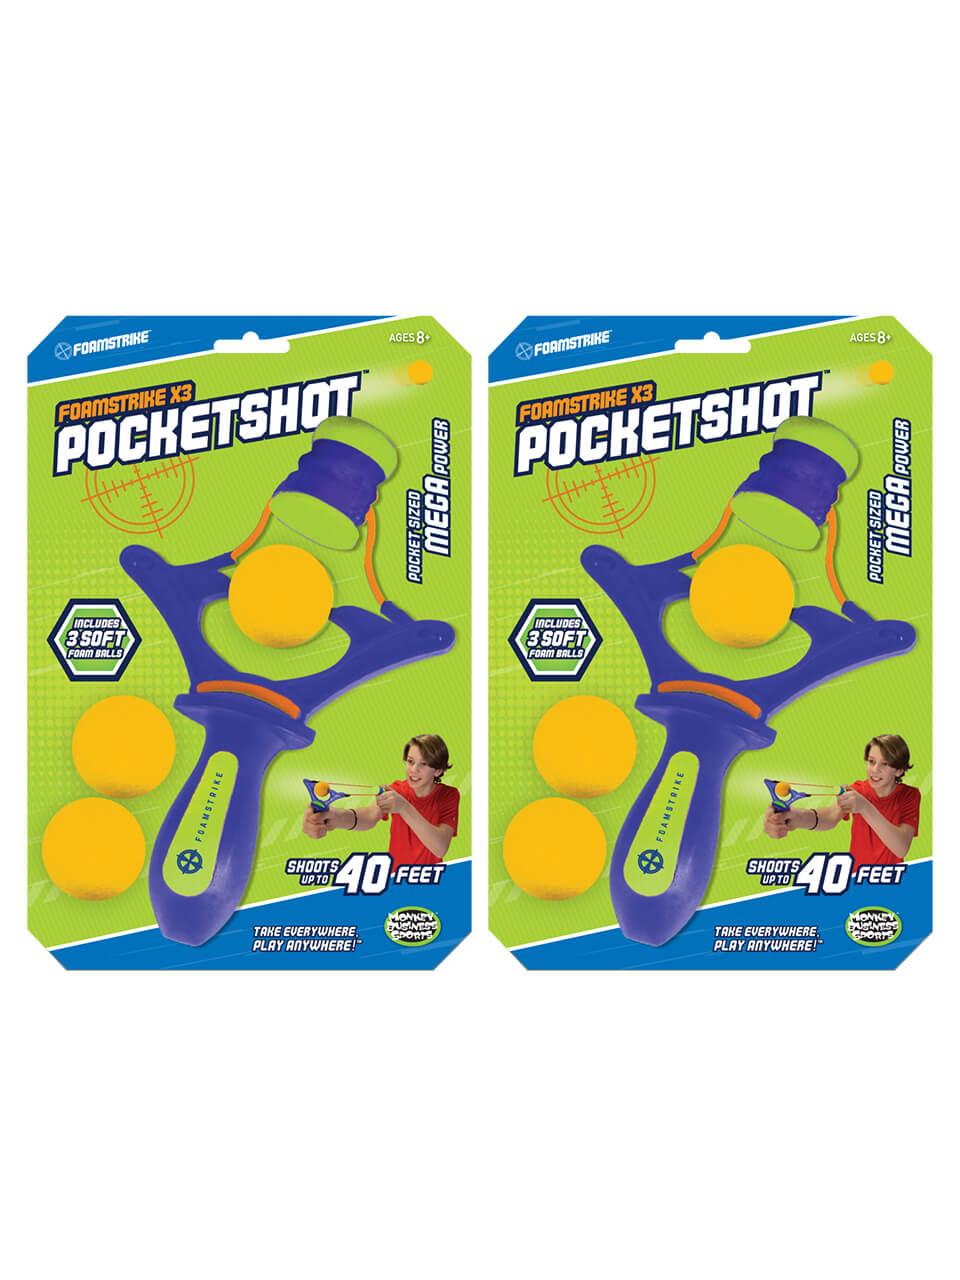 Pocket+Shot+3.4 Small.jpg